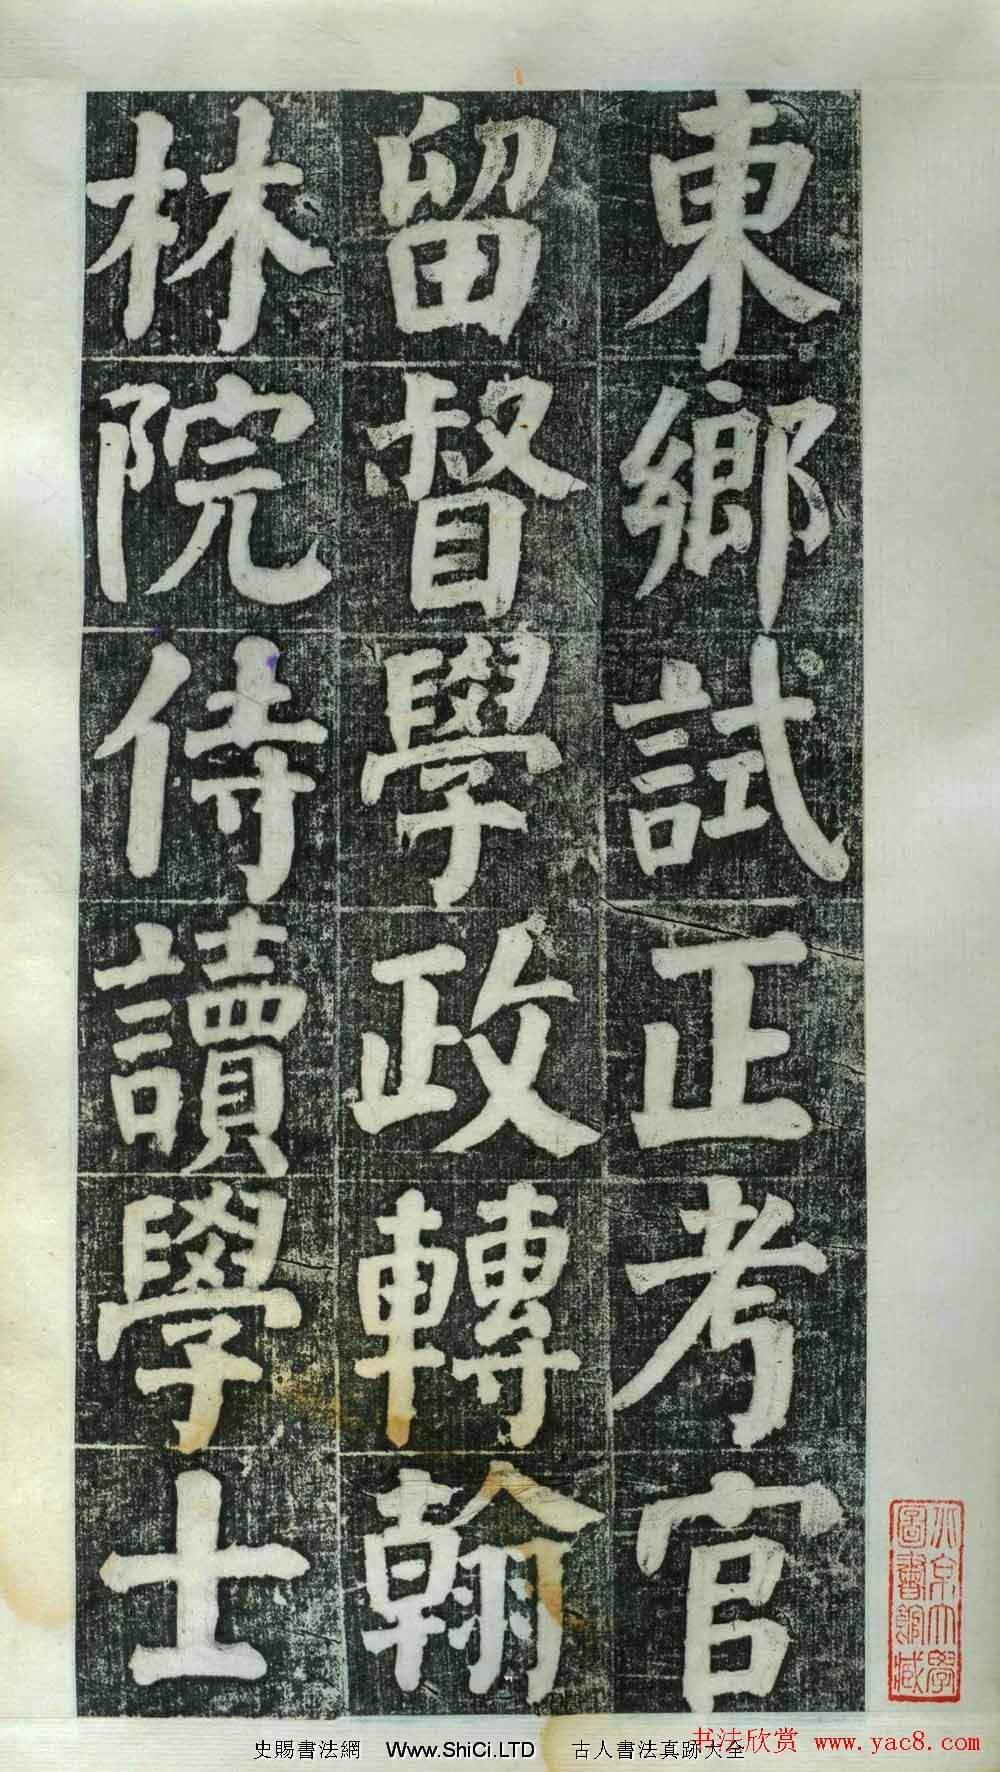 何紹基楷書真跡欣賞《何凌漢碑》第二冊(共35張圖片)